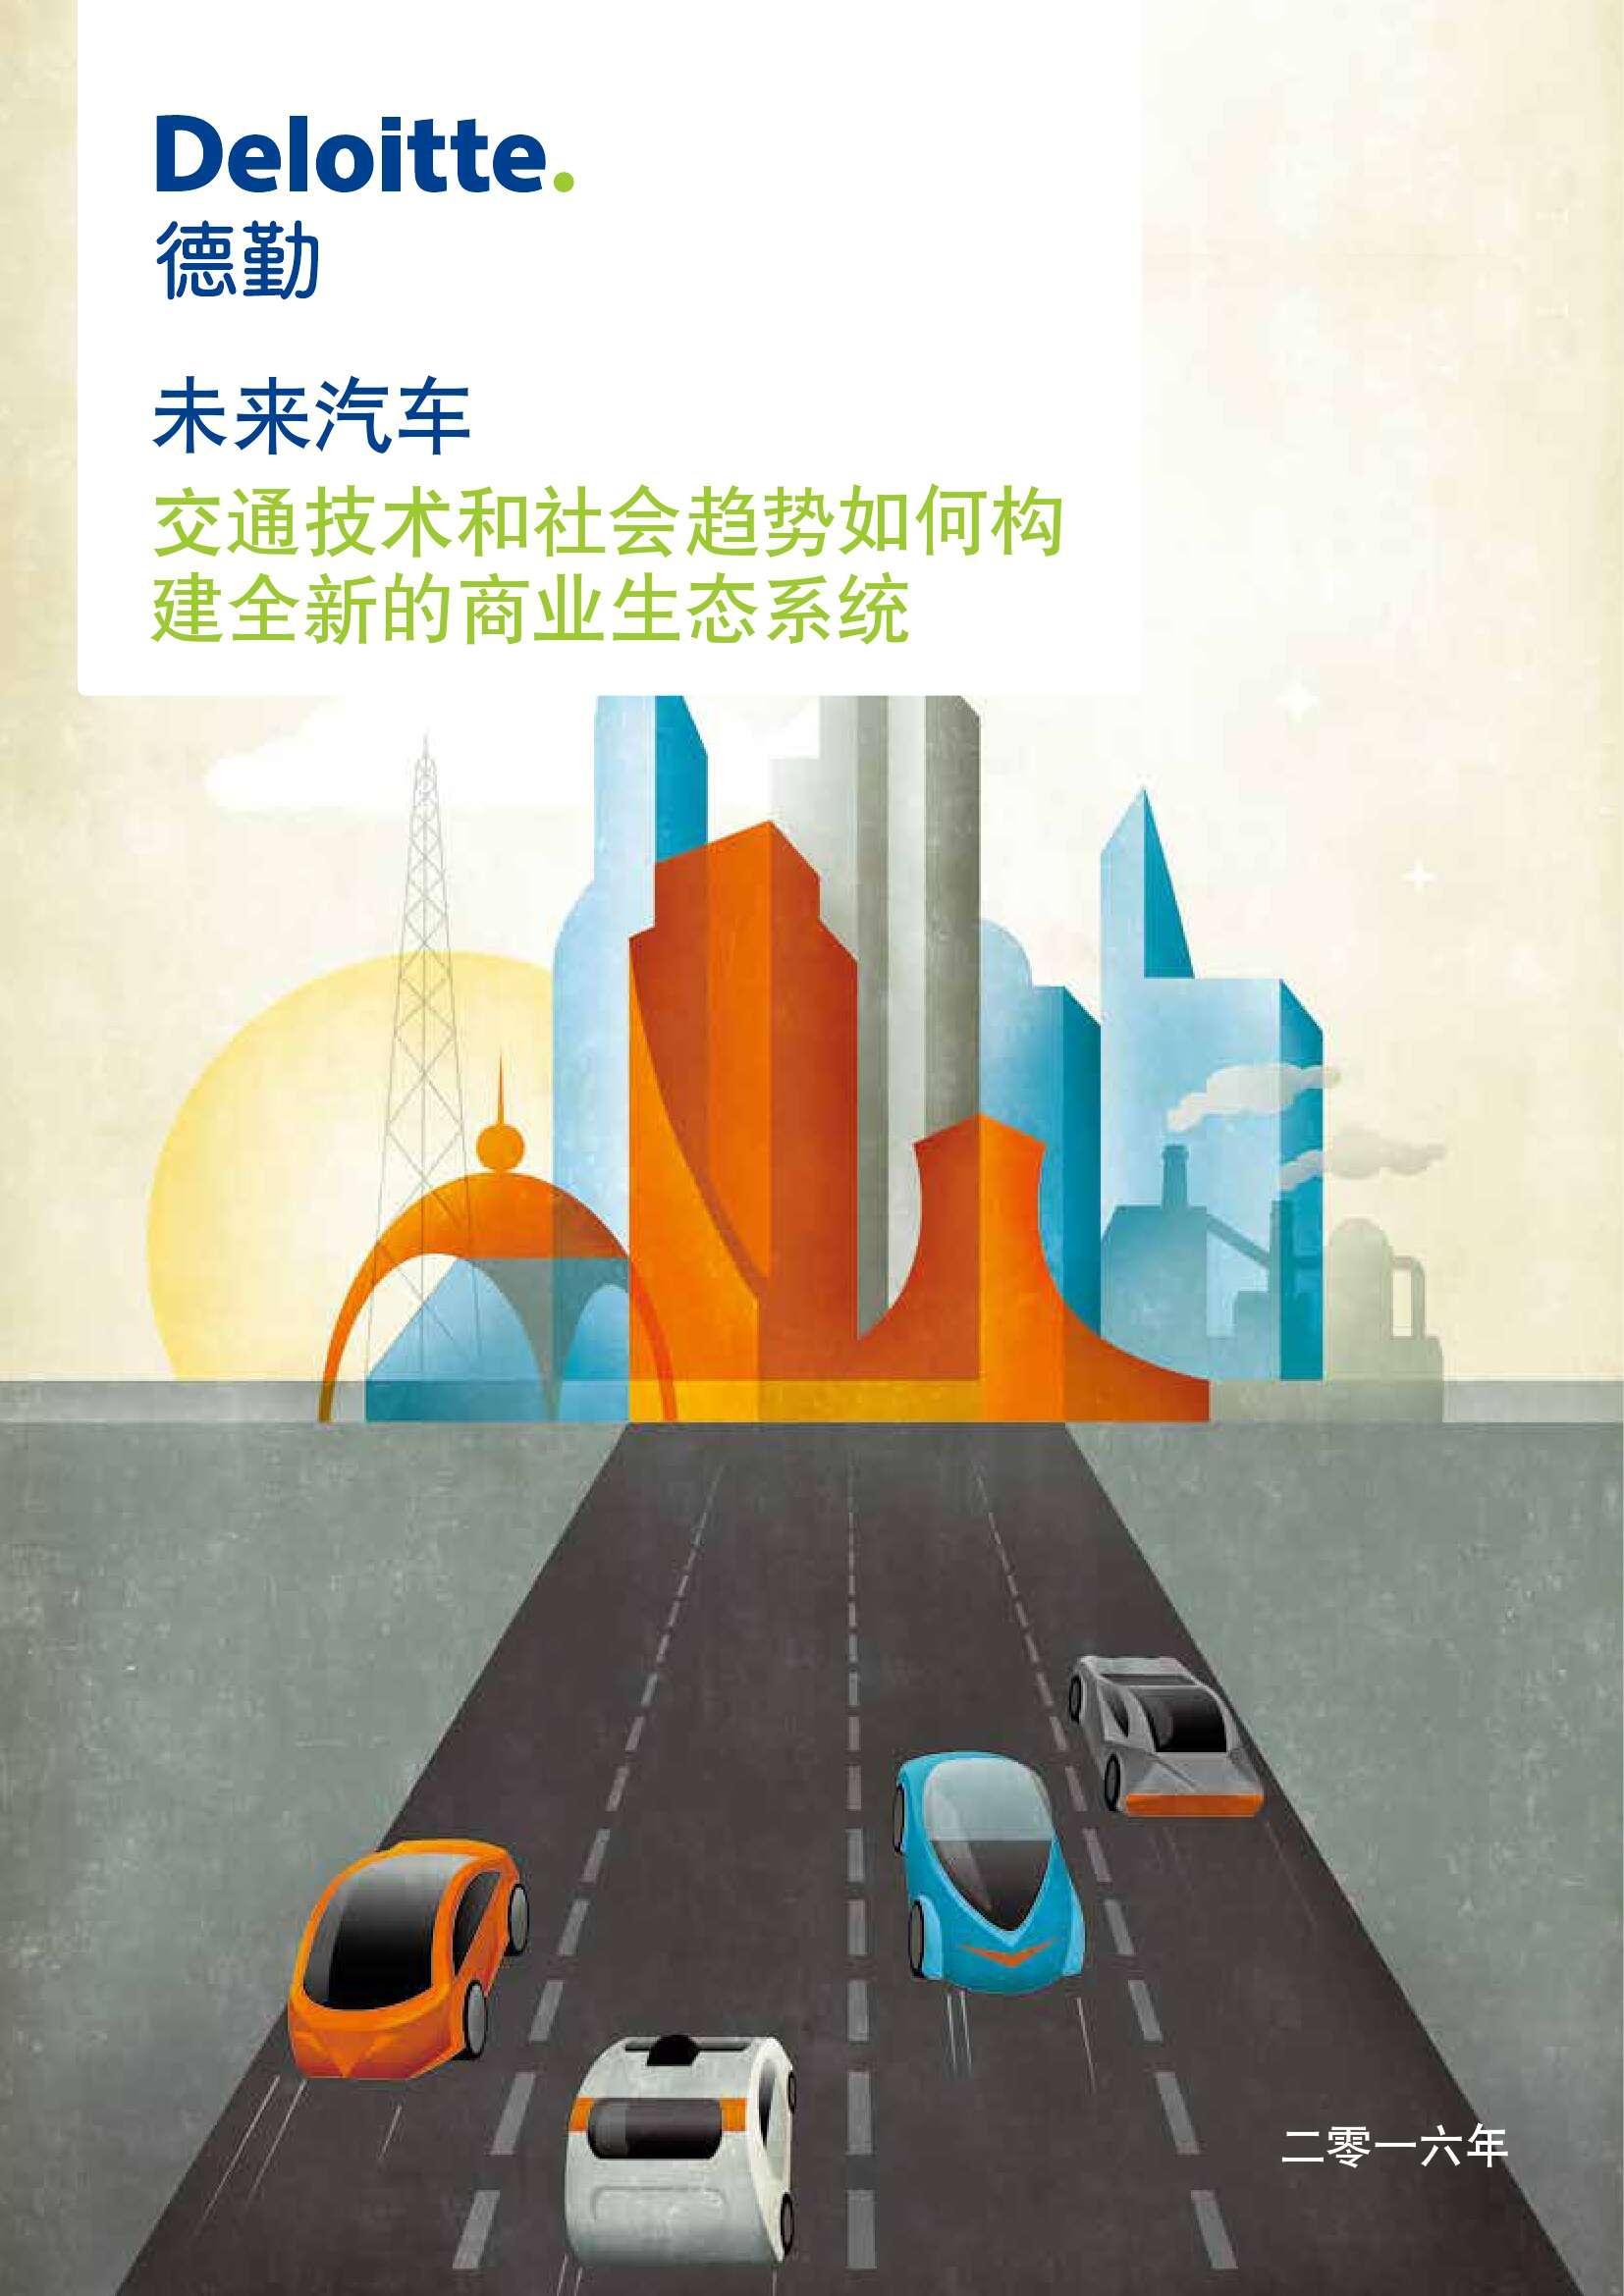 未来汽车:交通技术和社会趋势如何构建全新的商业生态系统_000001